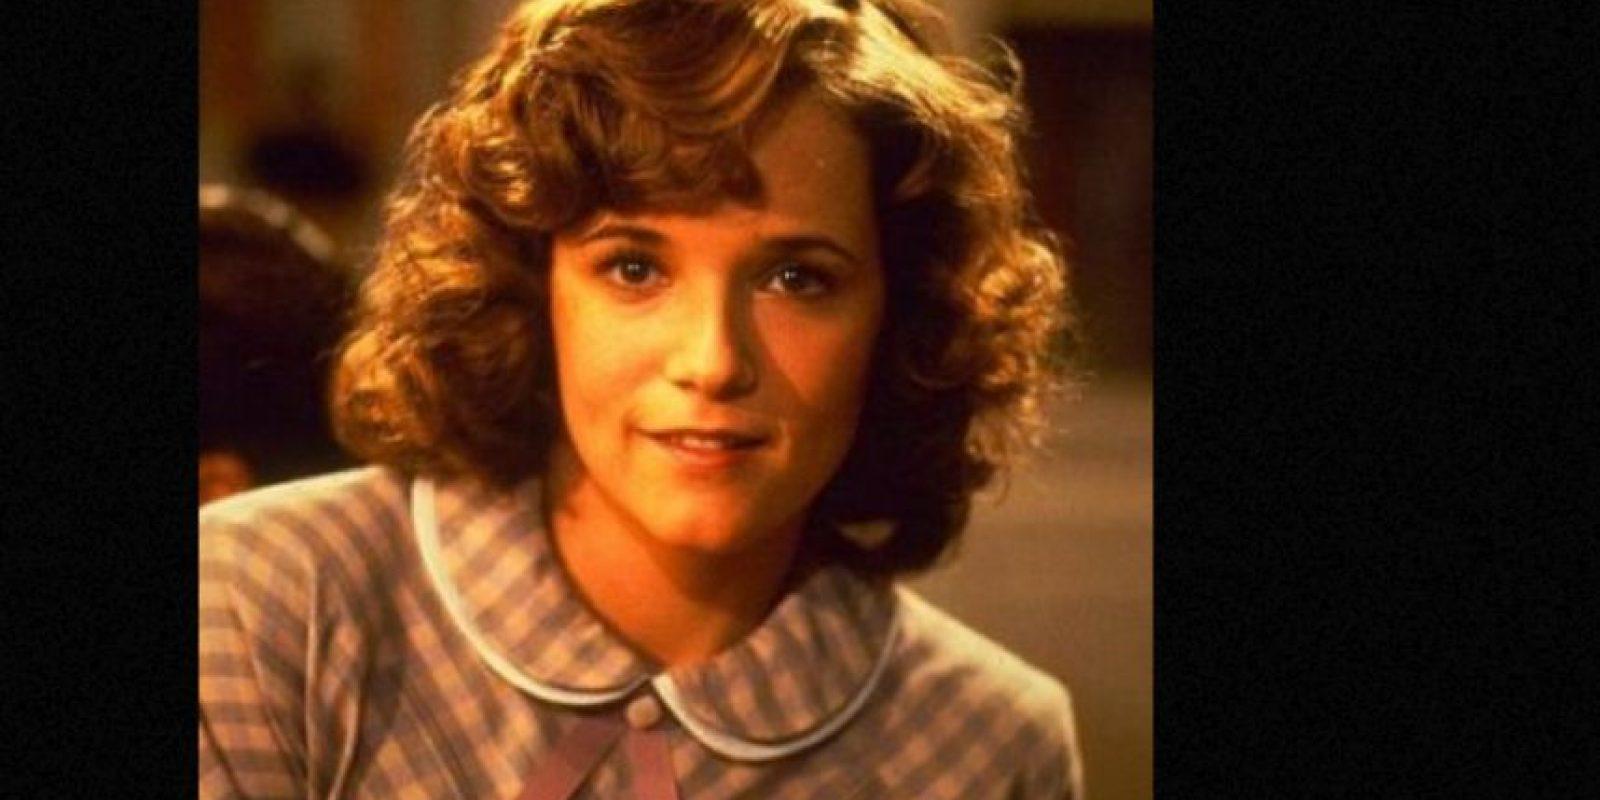 """Lea Thompson era """"Lorraine Baines McFly"""", la joven que se enamora de """"Marty"""" sin saber que será su hijo en el futuro. Foto:vía IMDB"""